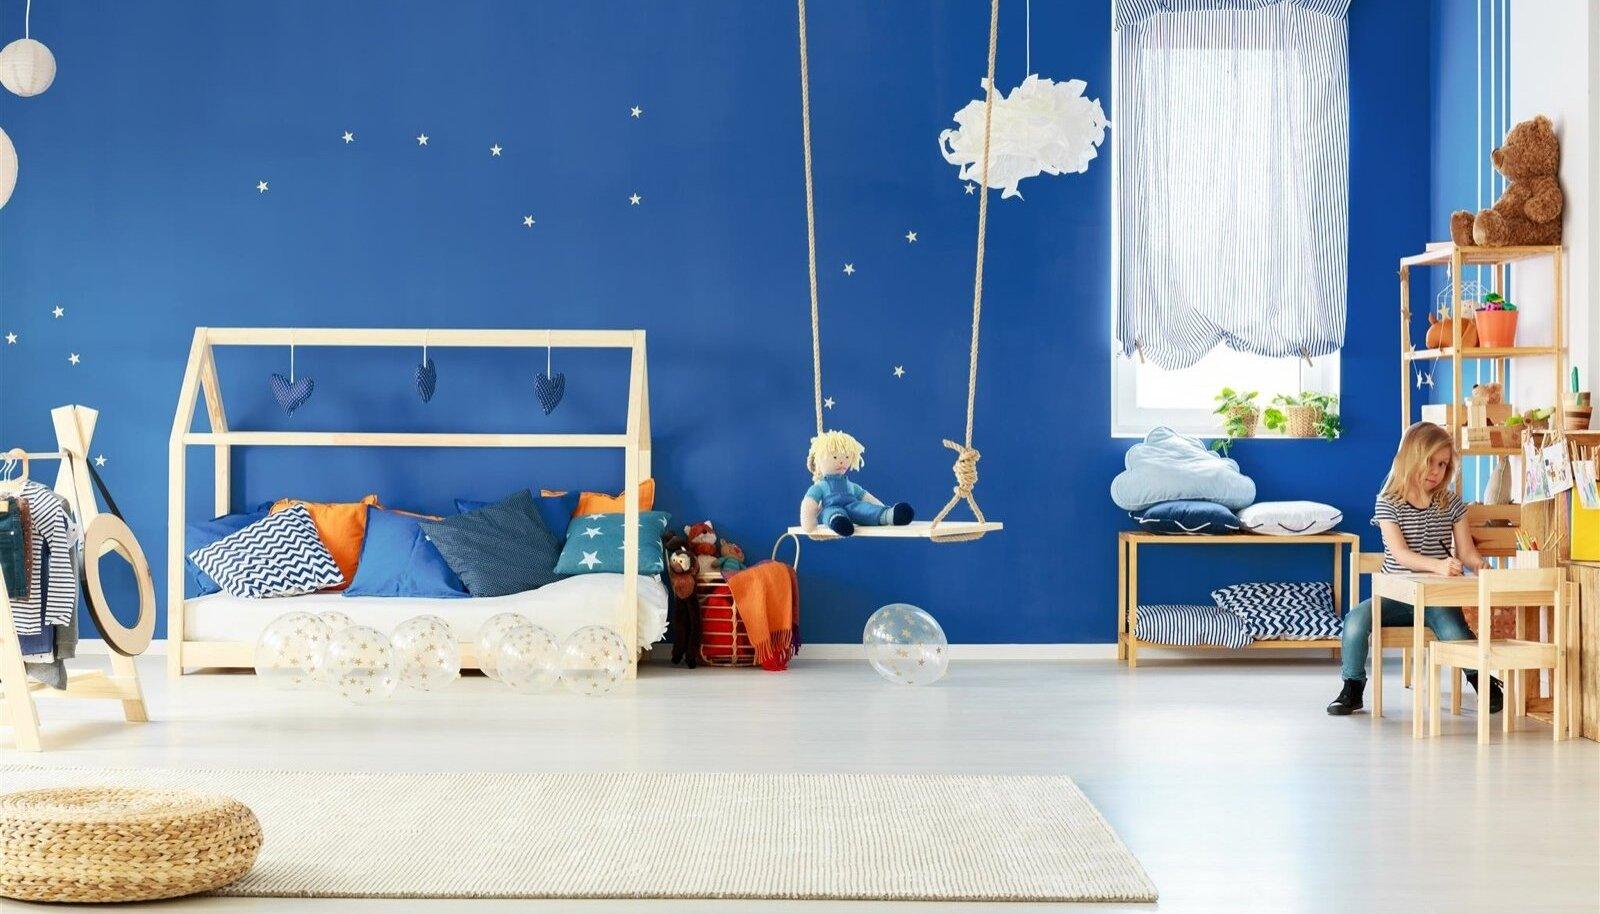 Voodi põrandal, riided lapsele sobivas kõrguses ja taevatähed seinal.